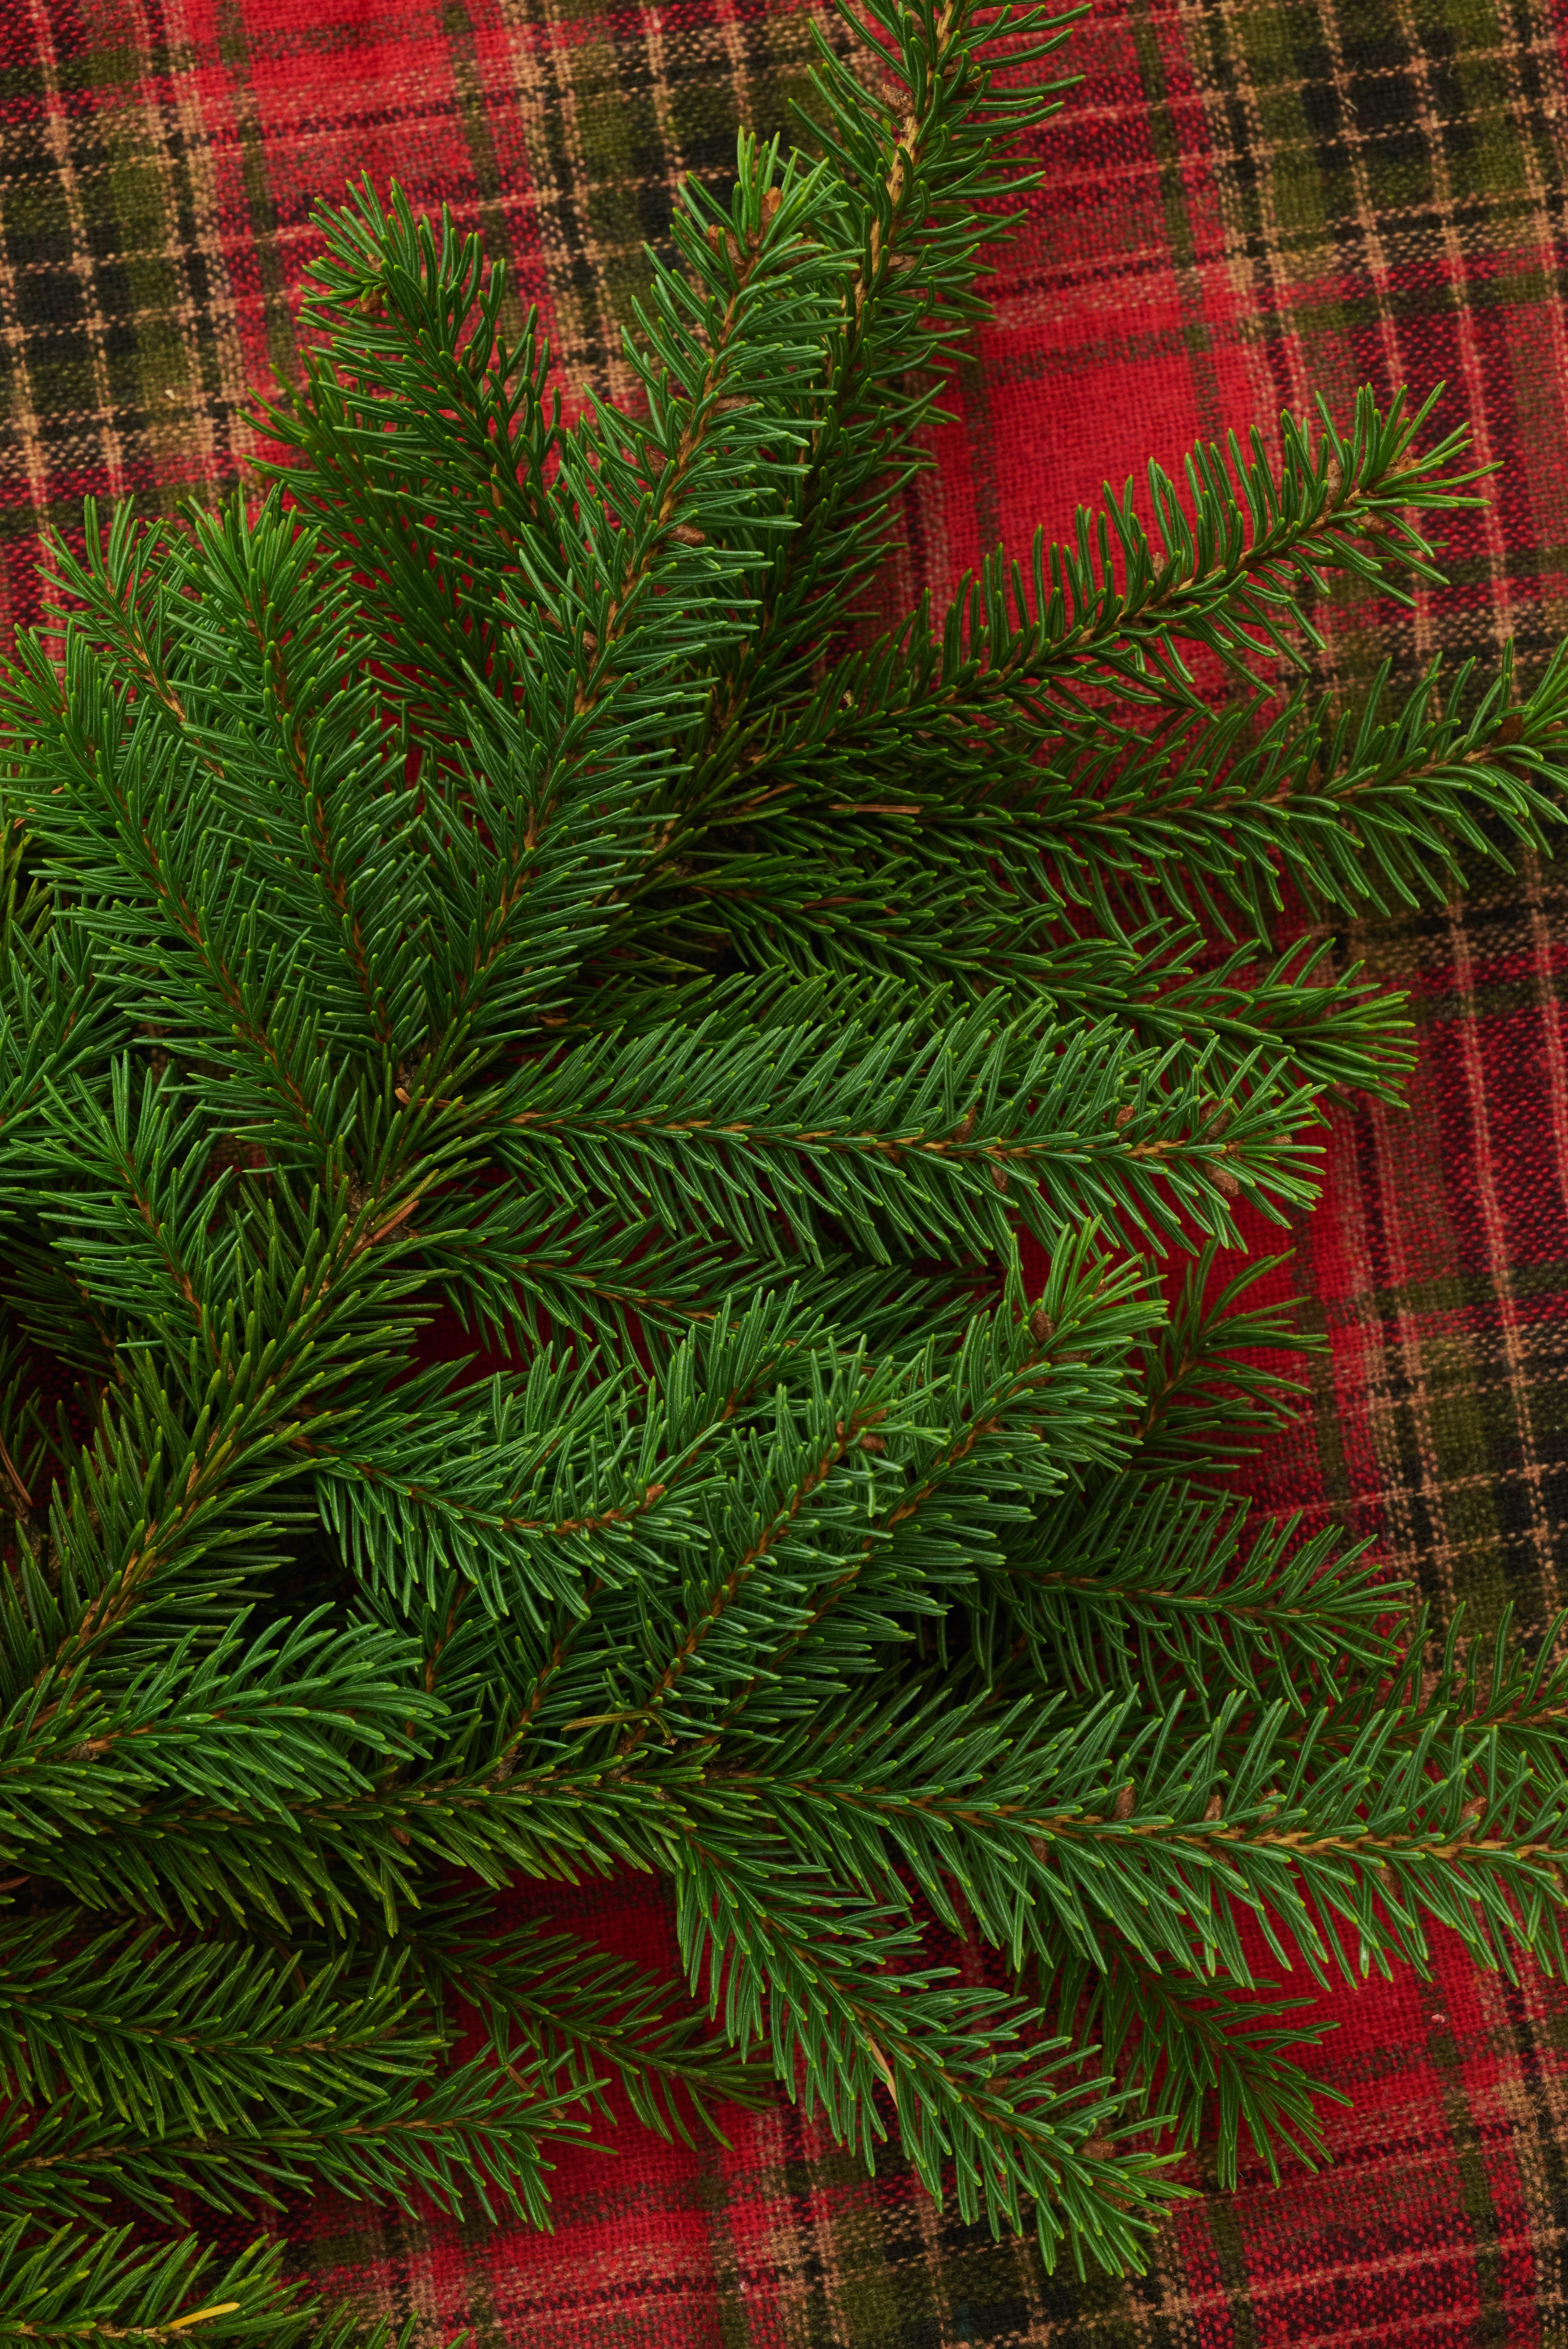 85251 Hintergrundbild herunterladen Feiertage, Nadeln, Kiefer, Neujahr, Weihnachten, Neues Jahr, Ast, Zweig, Pine, Plaid - Bildschirmschoner und Bilder kostenlos